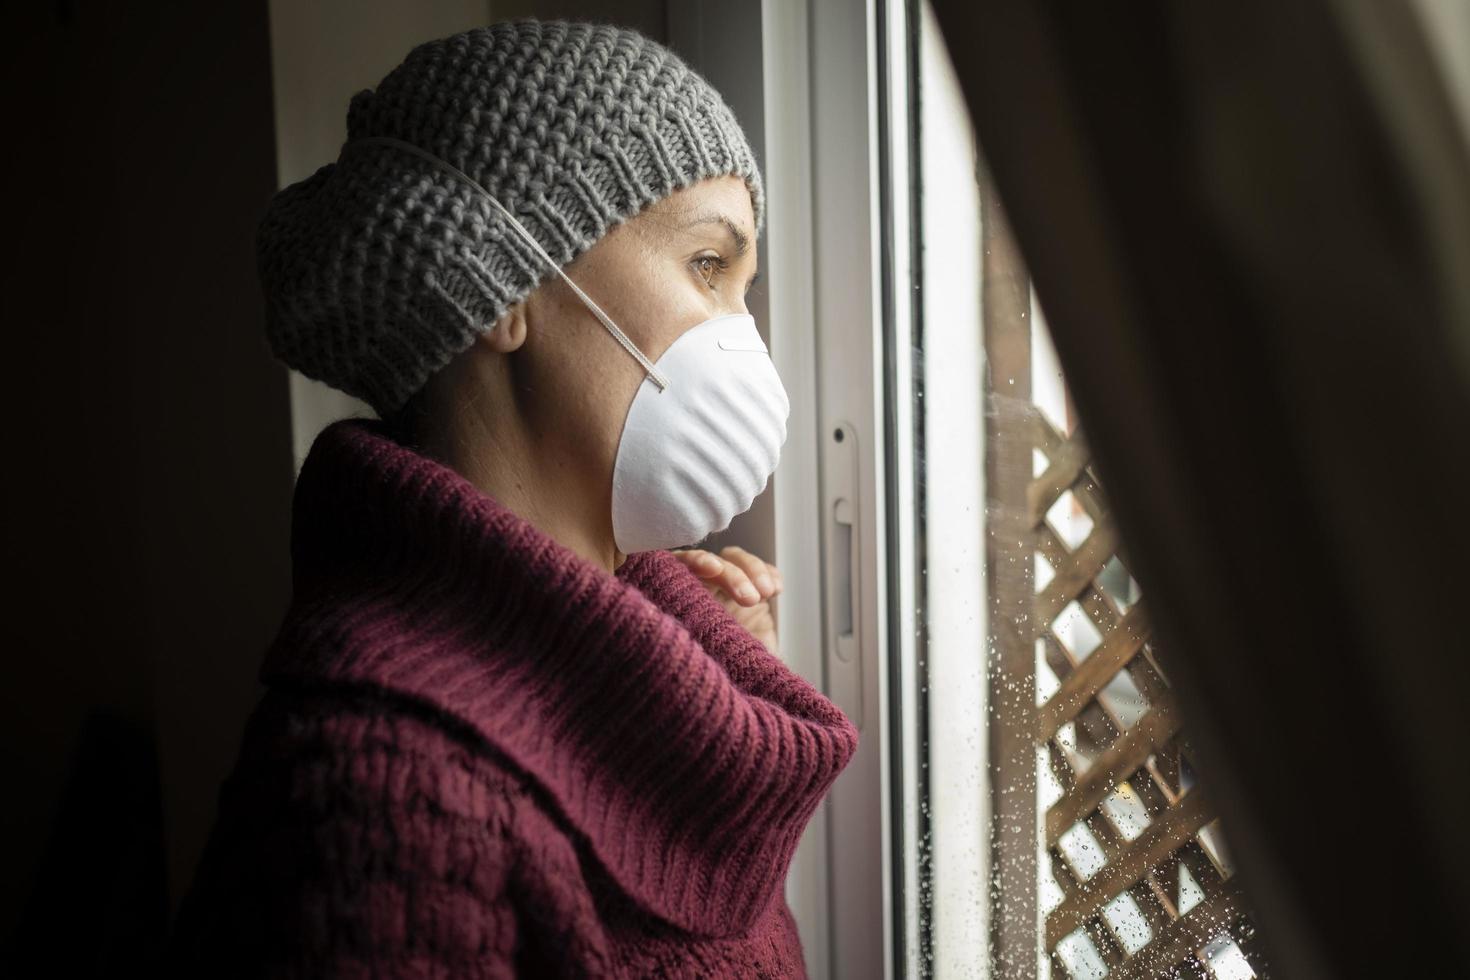 vrouw met gezichtsmaskers binnenshuis thuis, coronavirus en quarantaineconcept foto